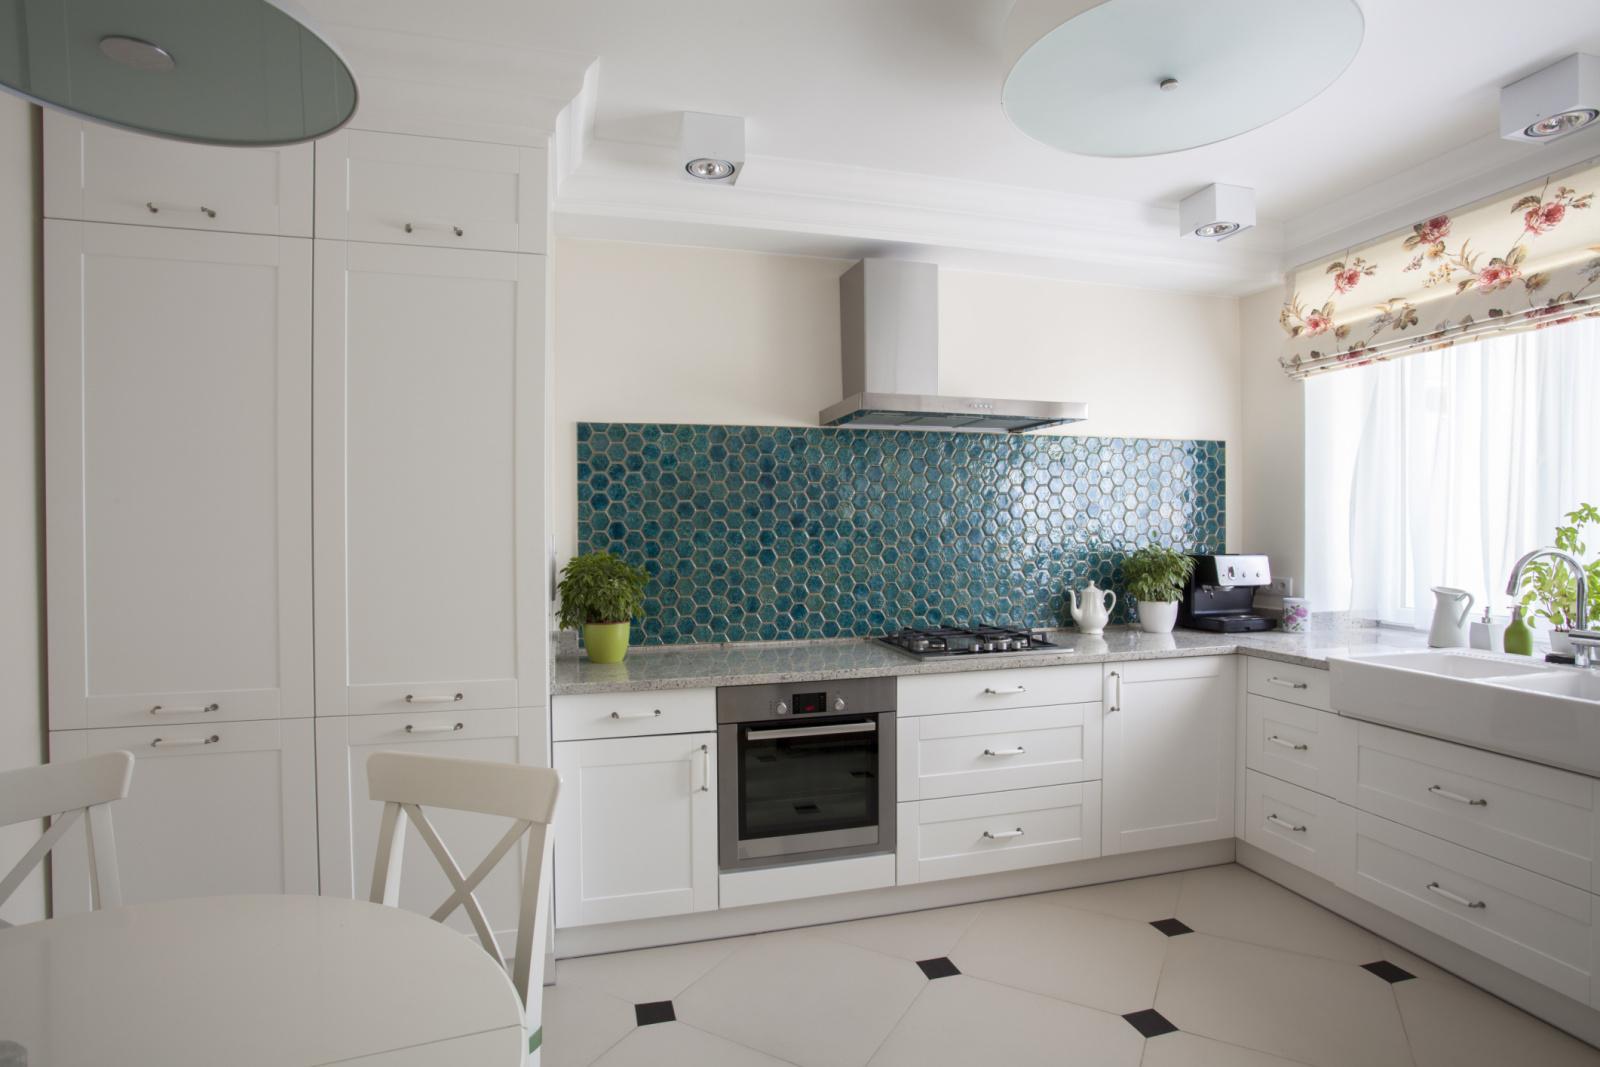 кухня без верхних шкафов 67 фото угловые кухонные гарнитуры без